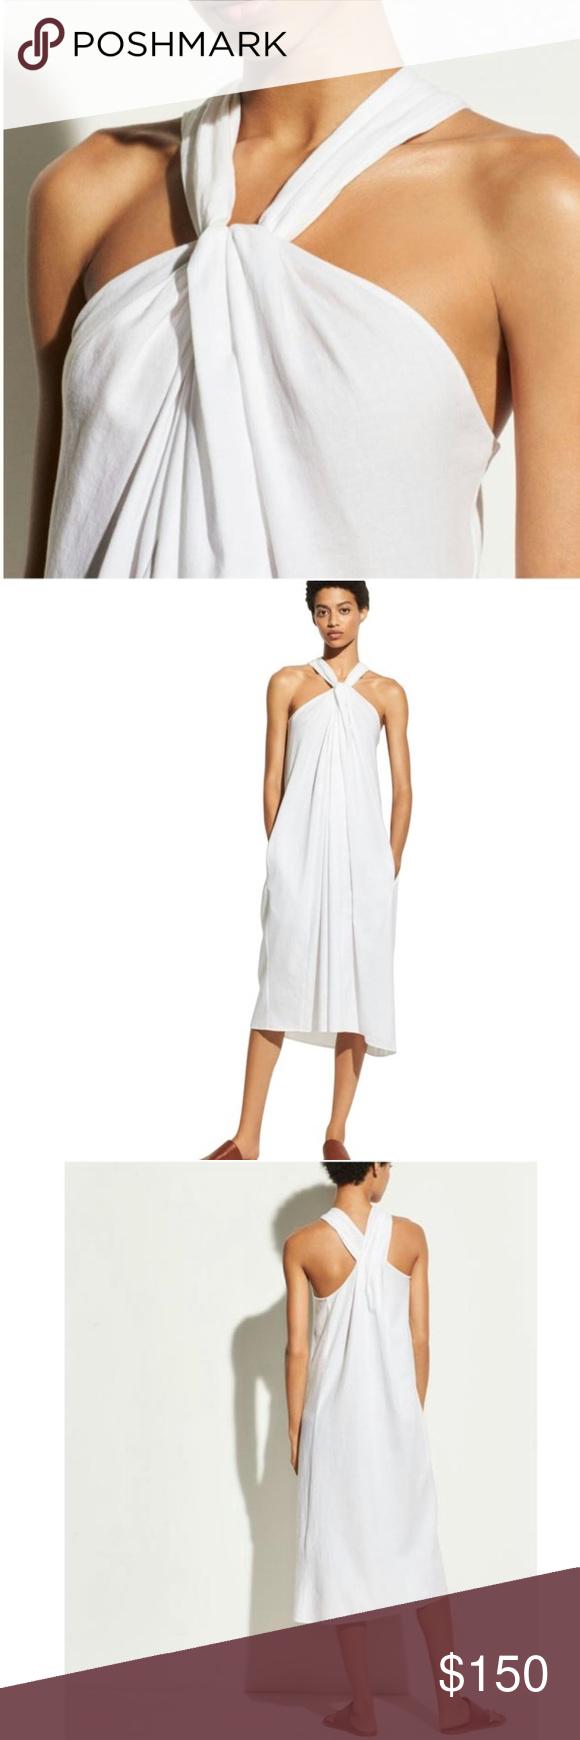 Vince White Twist Front Halter Casual Maxi Dress M Vince White Twist Front Halter Casual Maxi Dress Tag Size Medium Ma Maxi Dresses Casual Maxi Dress Dresses [ 1740 x 580 Pixel ]